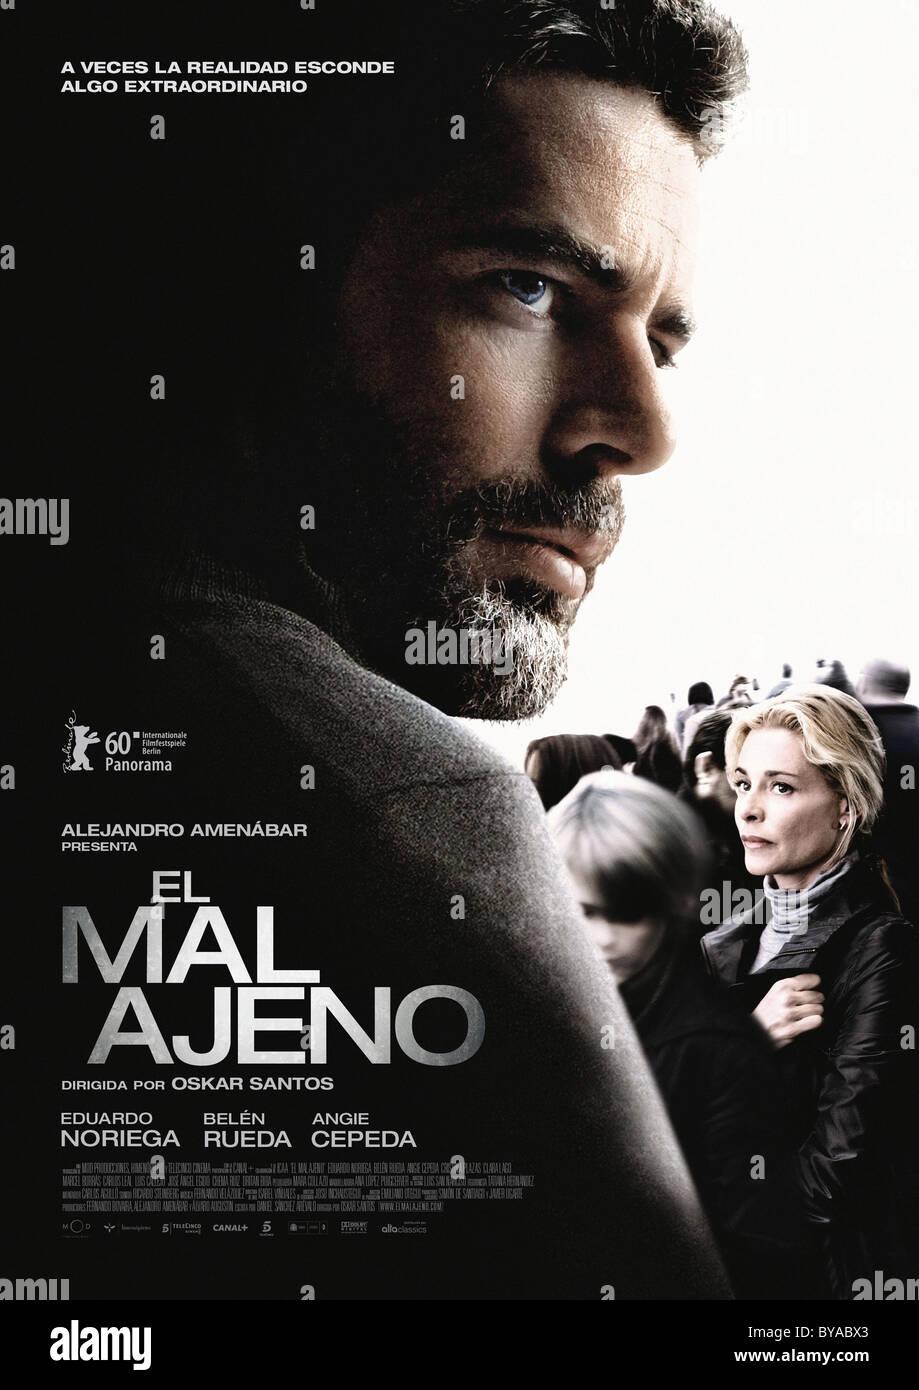 El mal ajeno pour le bien des autres Année: 2010 Espagne Réalisateur: Oskar Santos Eduardo Photo Stock